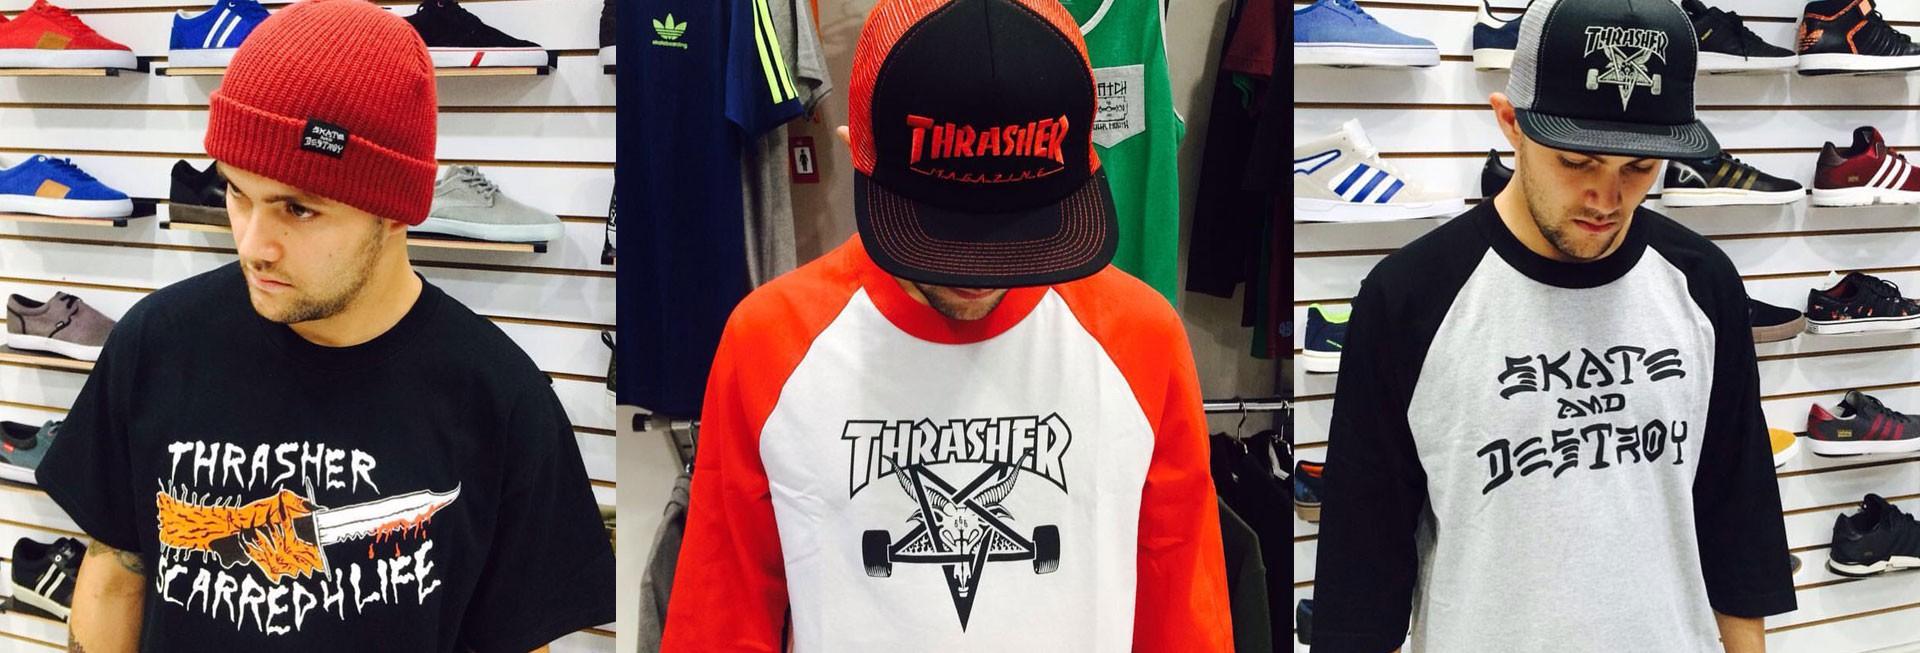 Thrasher 2